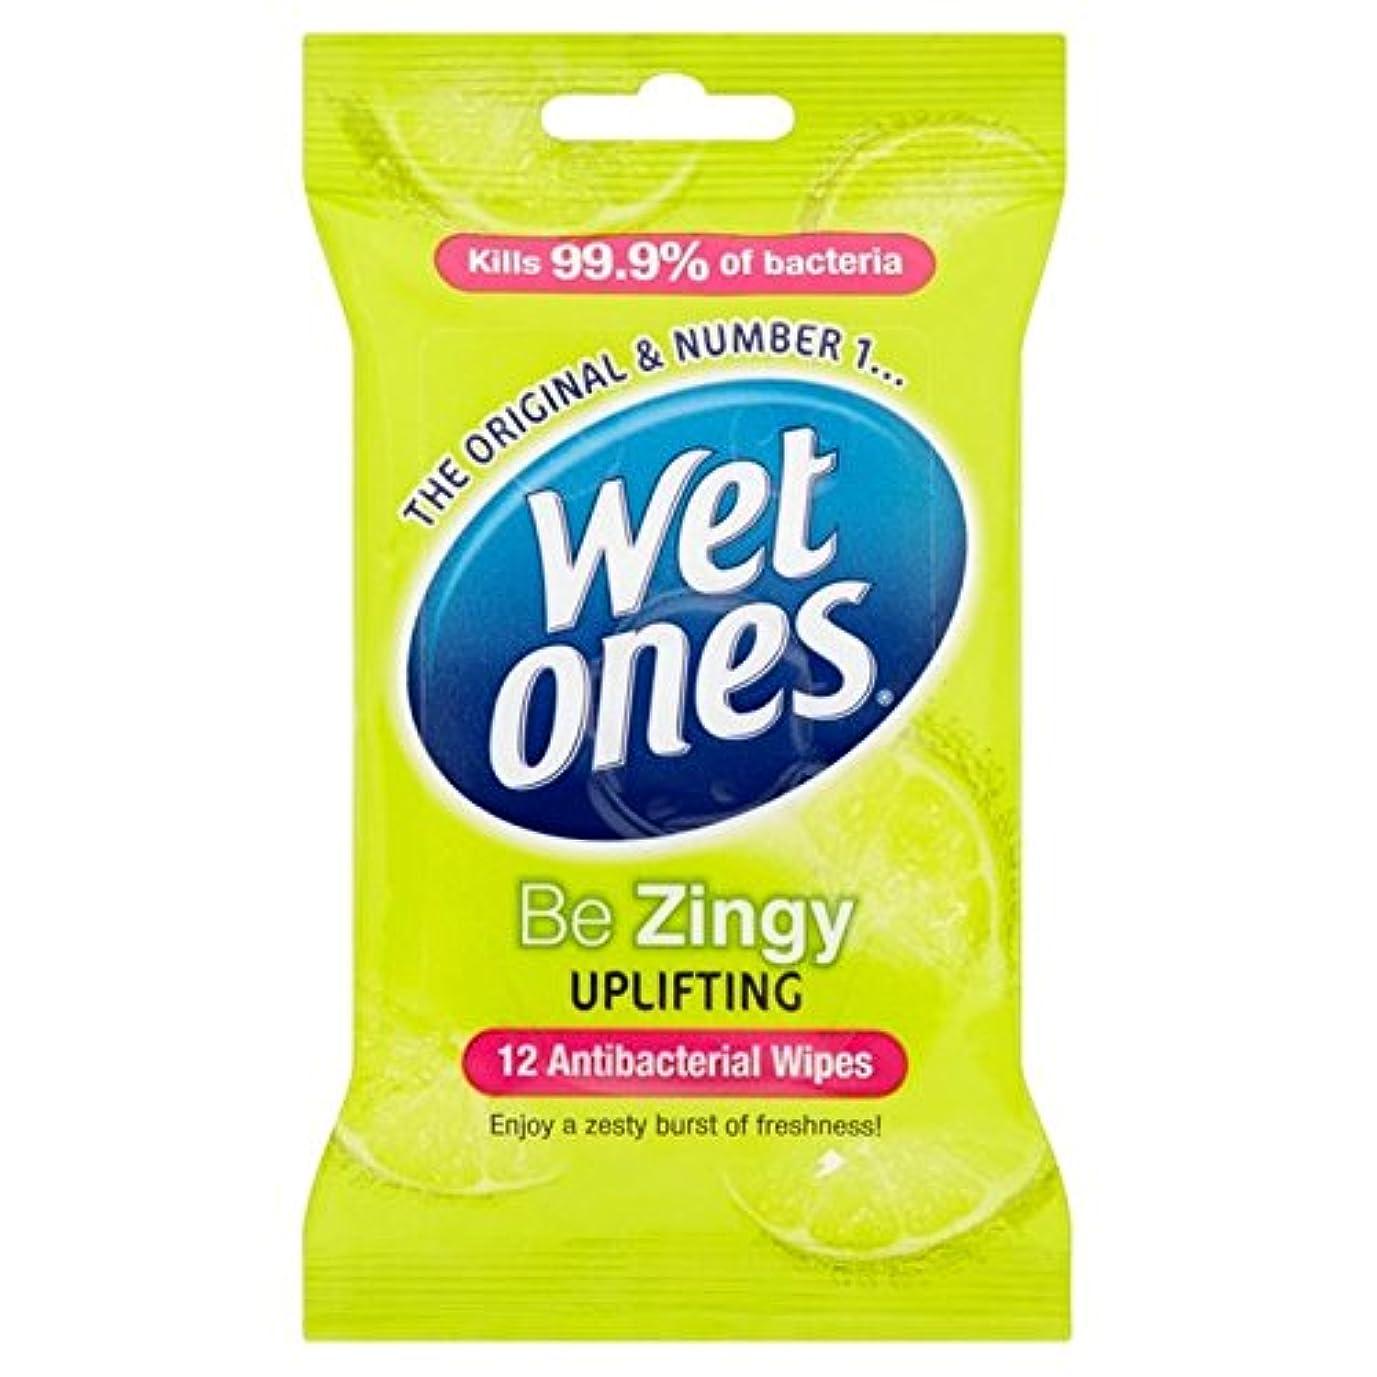 栄光の受け入れる同化する抗バクテリアをクレンジング湿ったものはパックごとに12ワイプ x2 - Wet Ones Cleansing Anti Bacterial Wipes 12 per pack (Pack of 2) [並行輸入品]